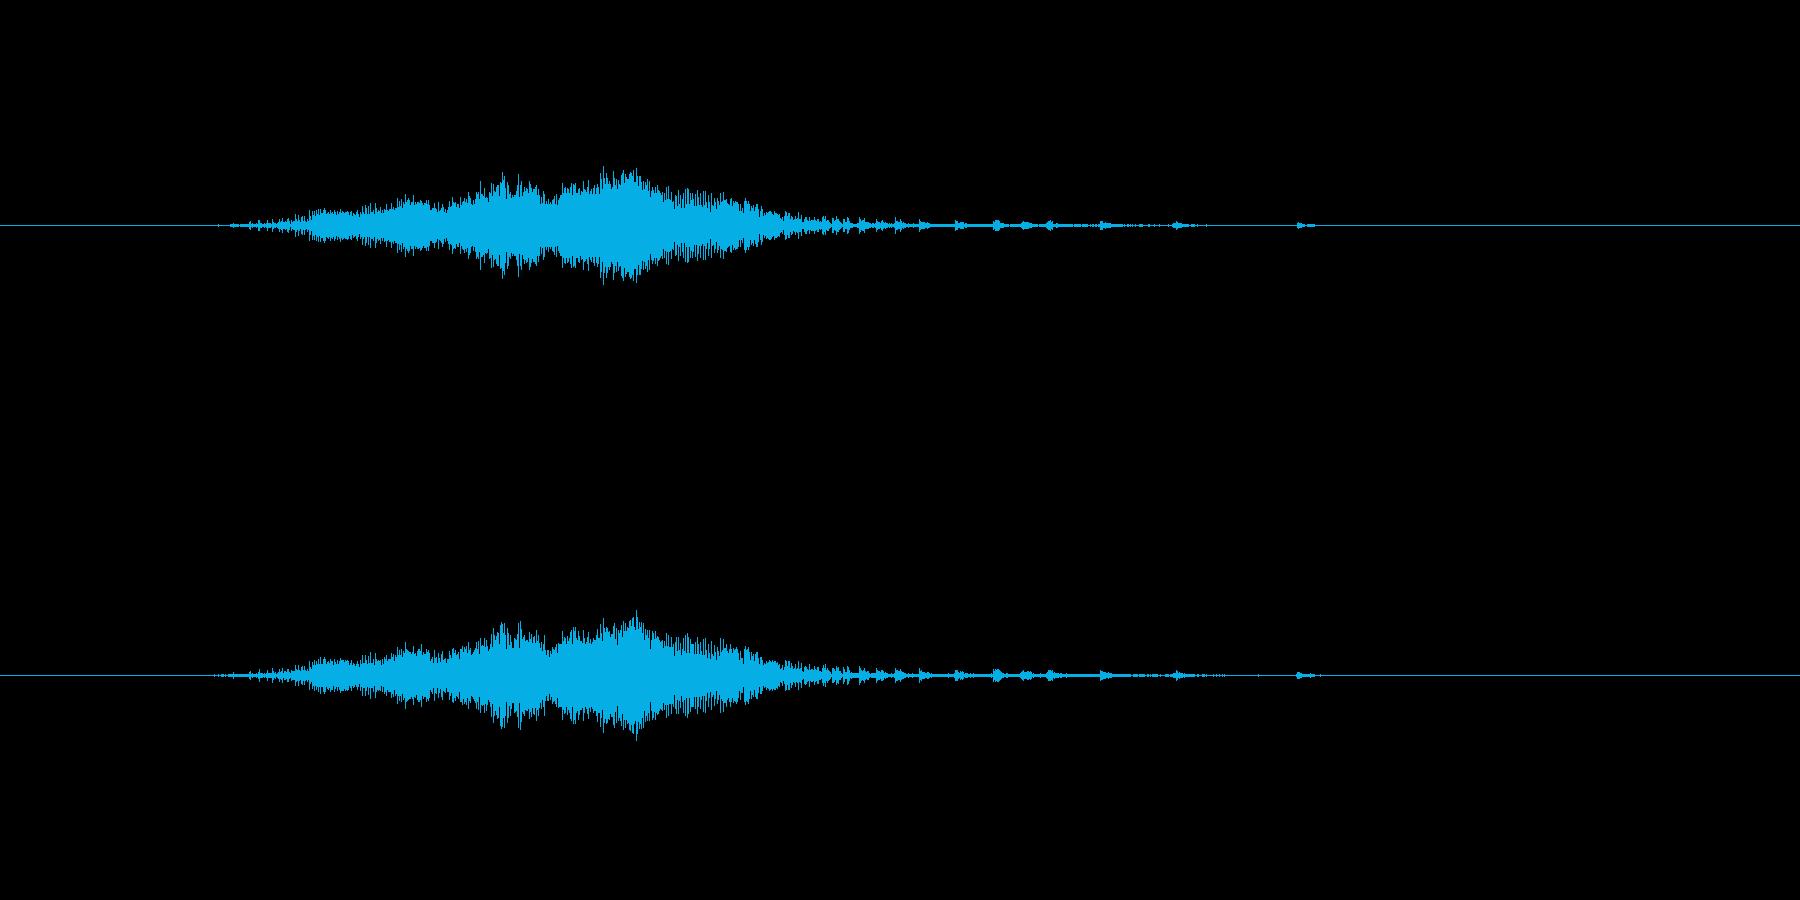 目が細かいジャンパーのファスナーの音の再生済みの波形